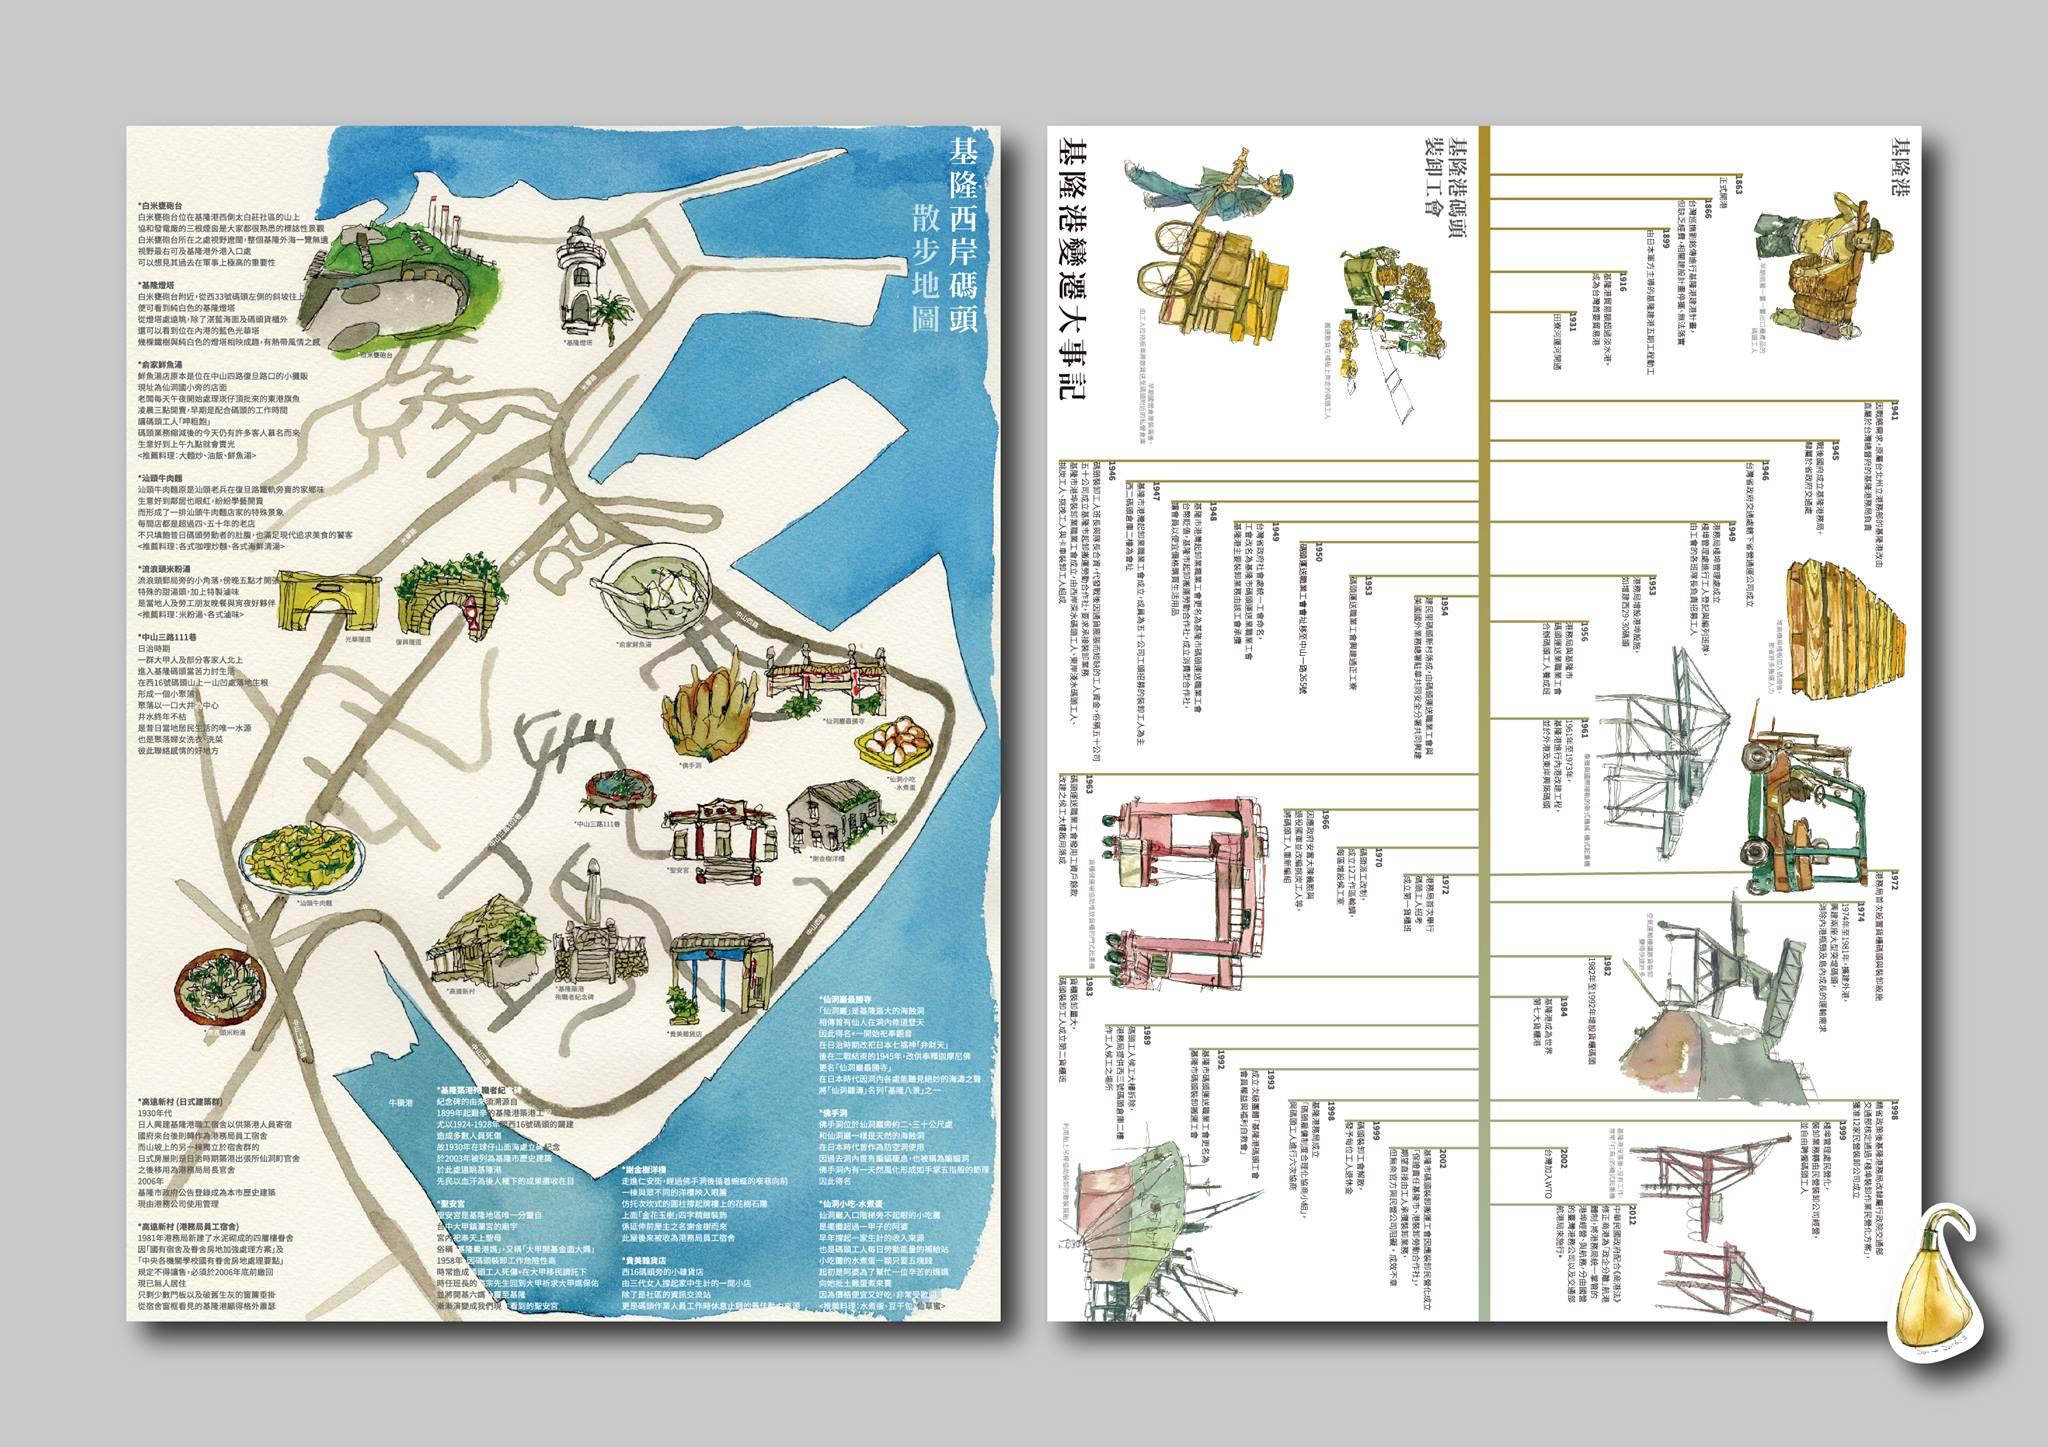 第三刊內含碼頭工人鉤子書籤、西岸散步地圖plus碼頭大事紀